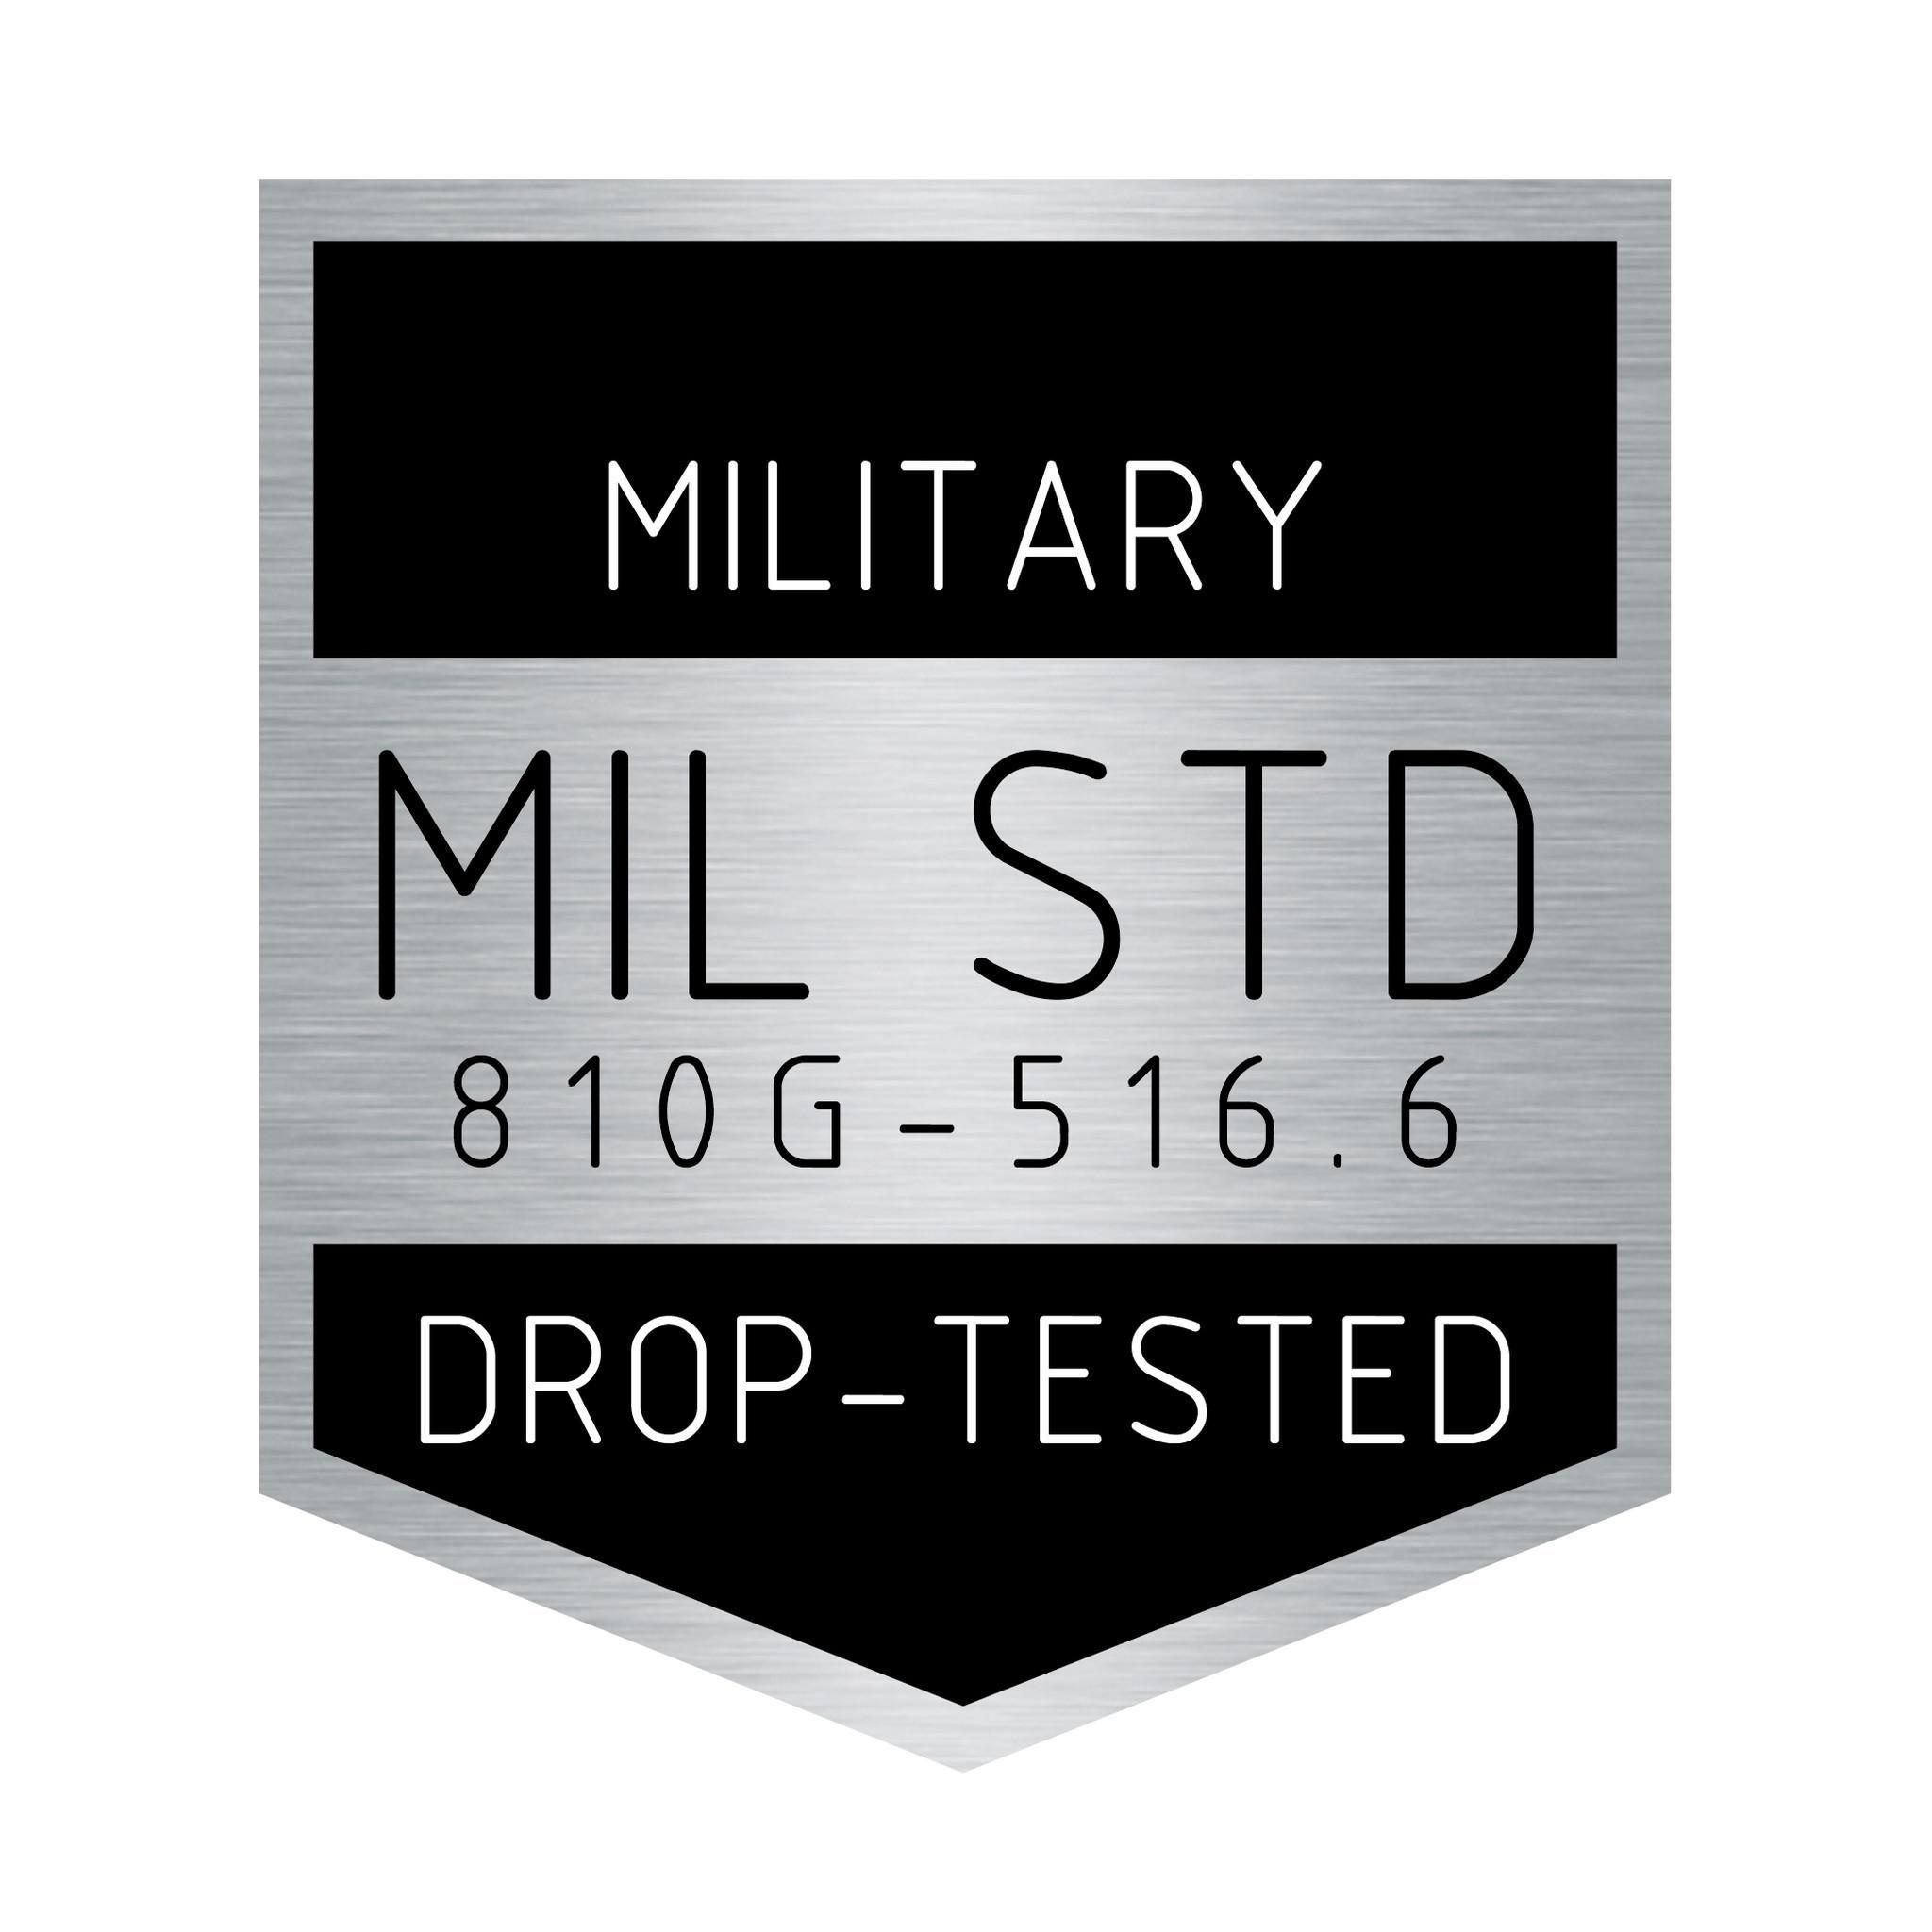 Military_Stamp_030614_72ba688e-1908-4ca3-a1f2-f107c5ac645f